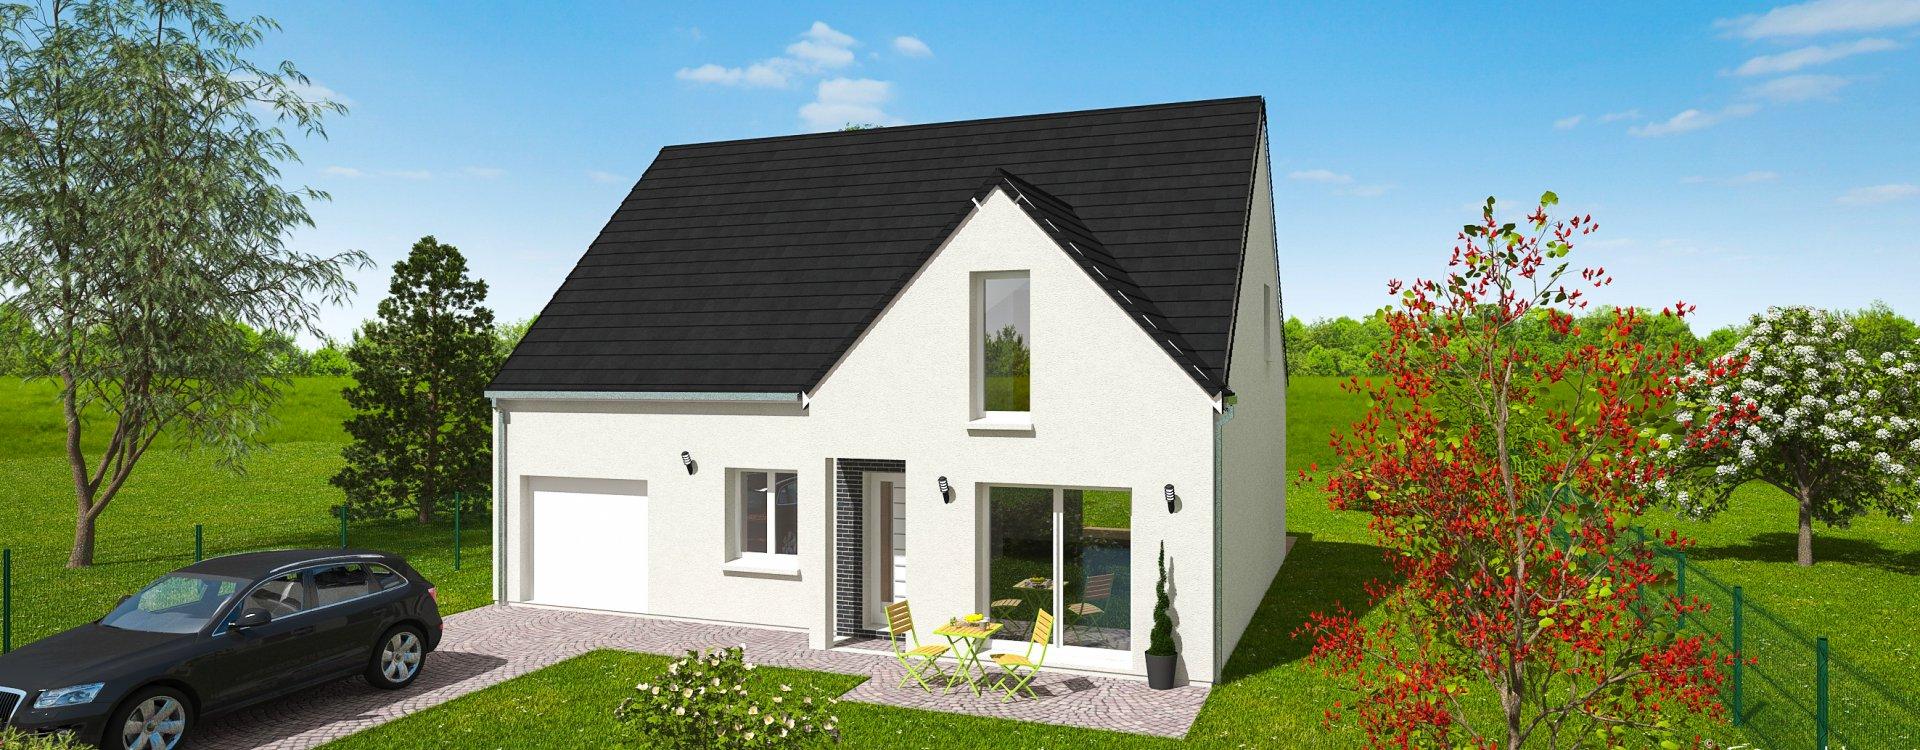 Maisons + Terrains du constructeur EASY HOUSE FRANCE • 131 m² • INGRE